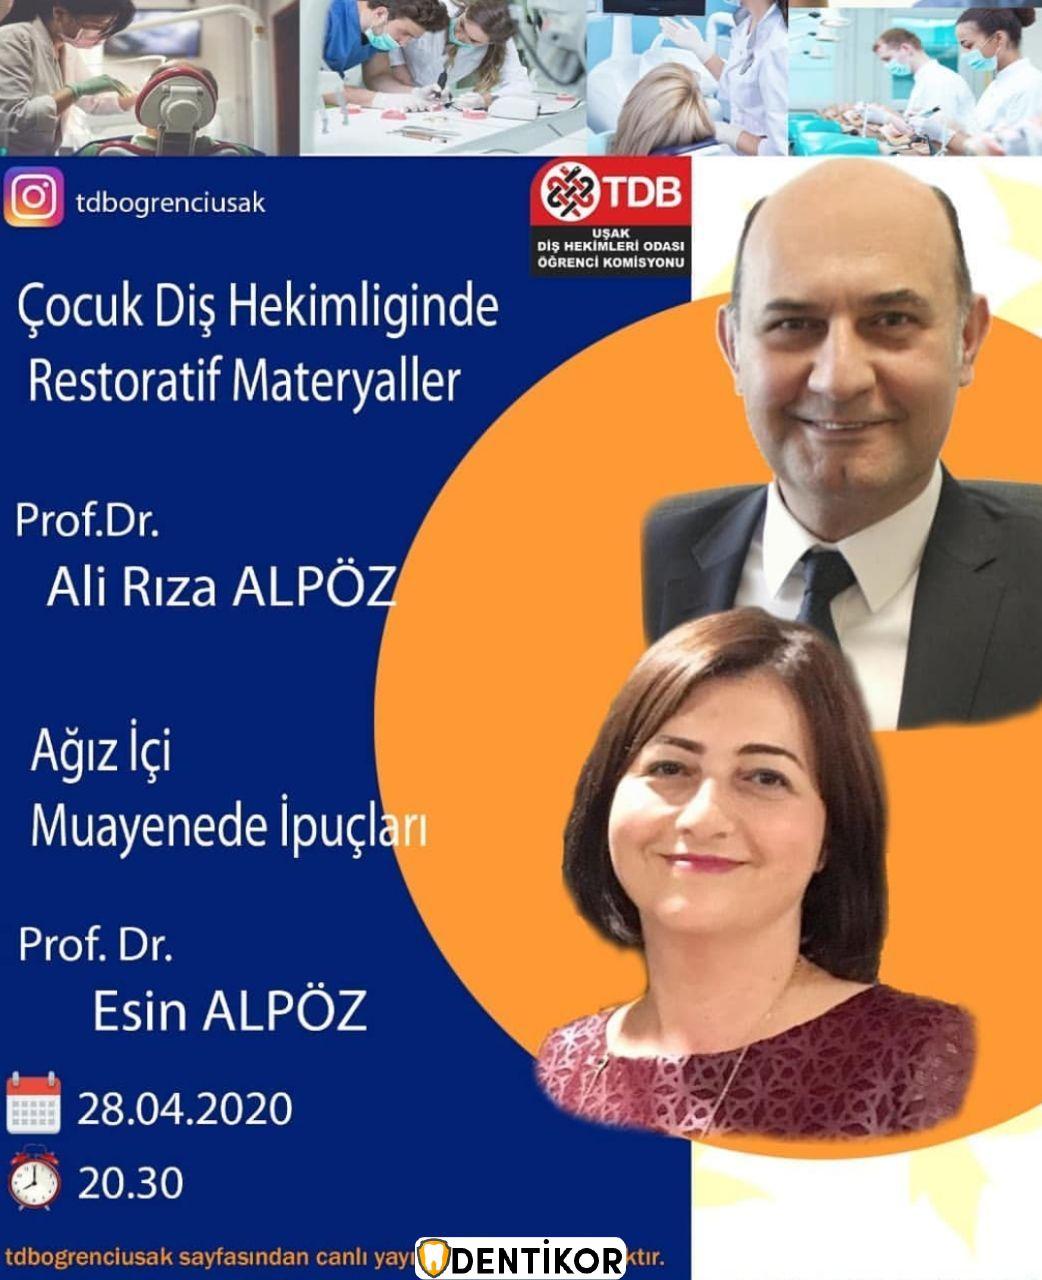 Çocuk Diş Hekimliğinde Restoratif Materyalleri -Prof.Dr.Ali Rıza Alpöz İnstagram Live - Eğitim ve Seminer